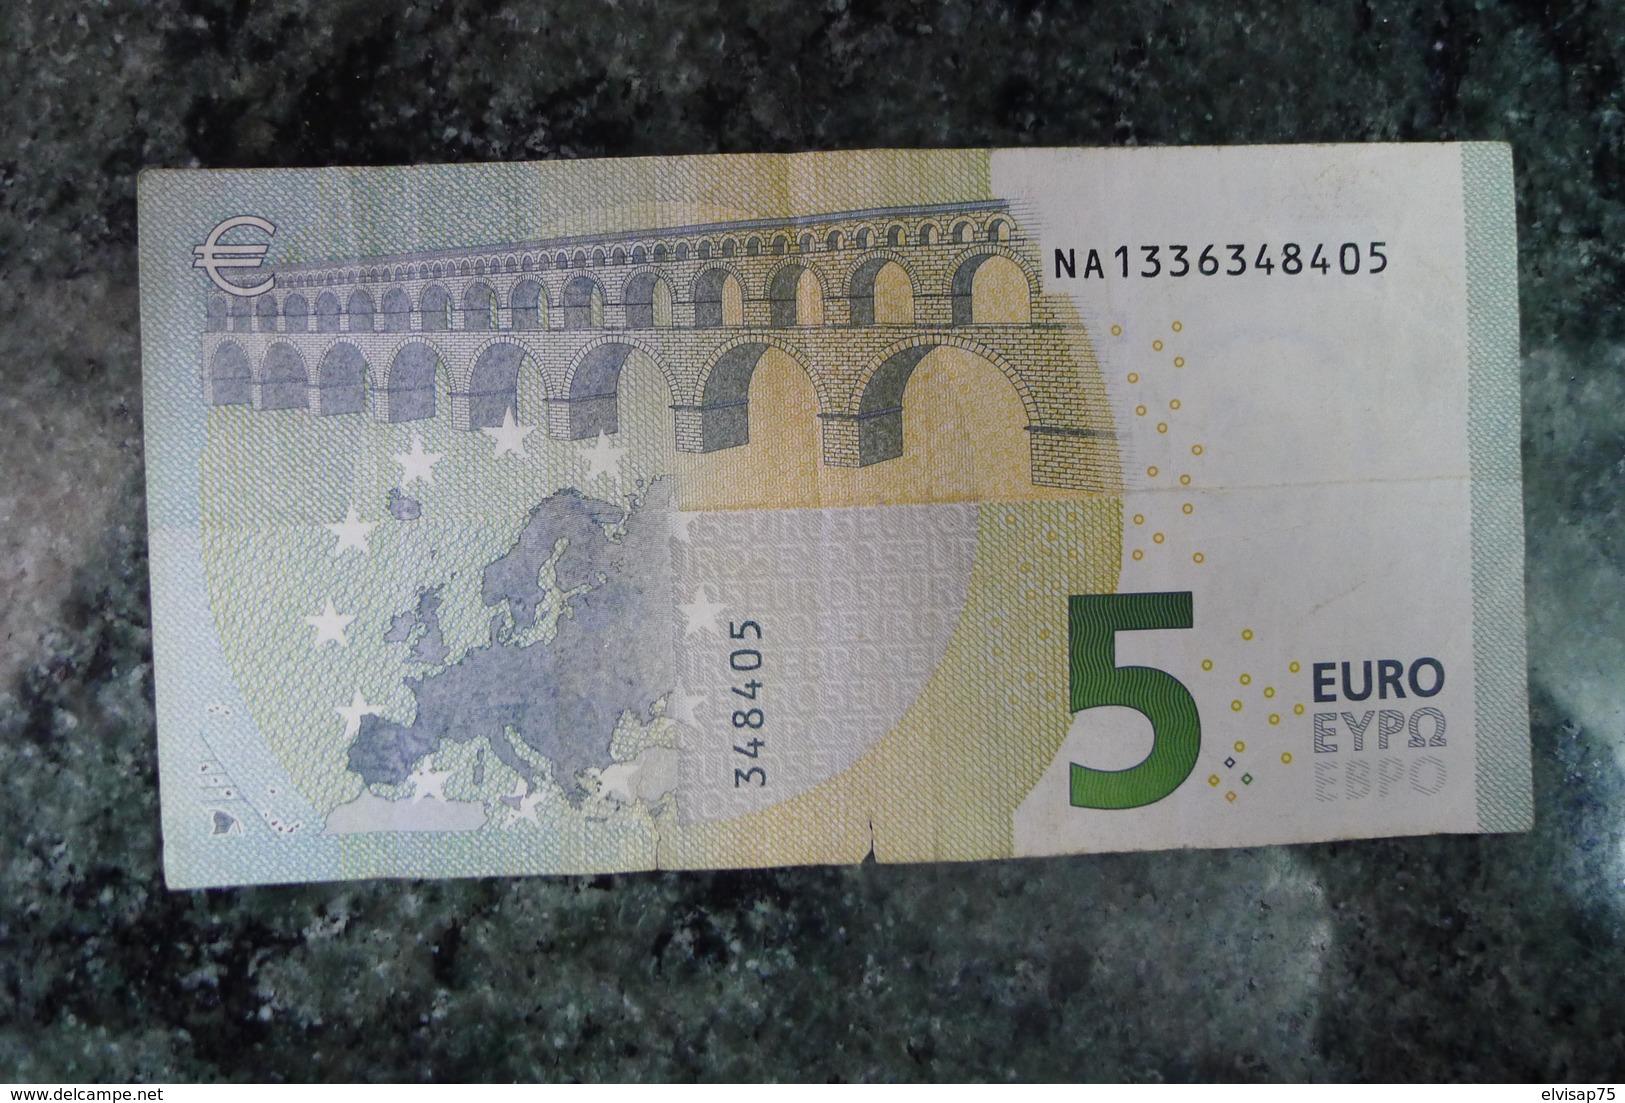 RRR - EXTREMELY RARE - 5 EURO AUSTRIA N016C1 Draghi - EURO